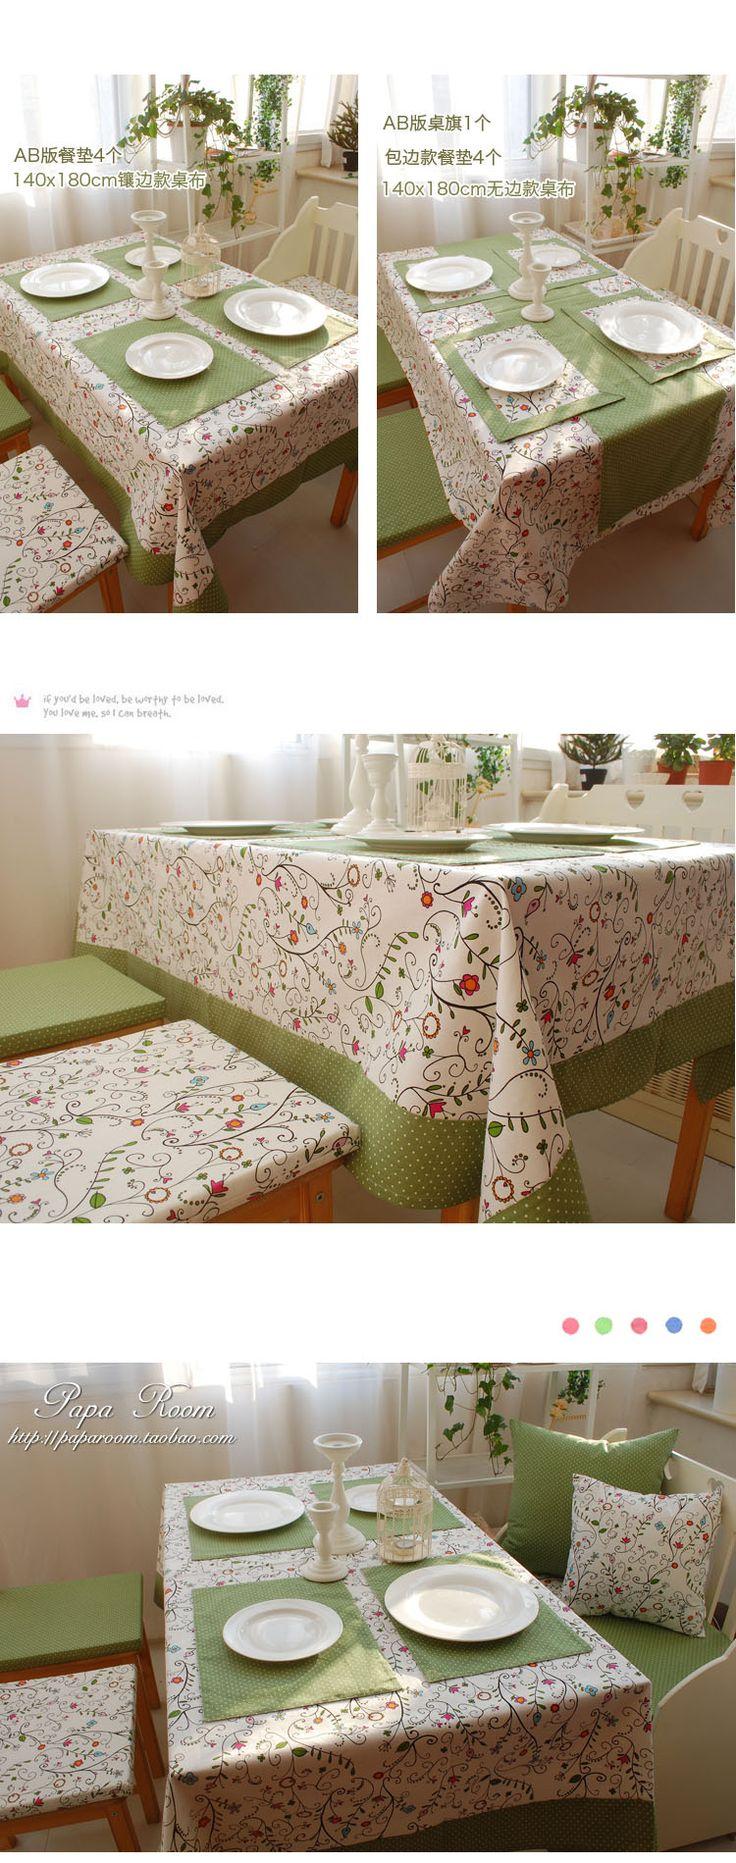 100% limitada de fadas de verão de algodão pequeno doce fresco rústico toalha de mesa toalha de mesa de jantar gremial em Toalhas de mesa de Home & Garden no AliExpress.com | Alibaba Group                                                                                                                                                                                 Mais